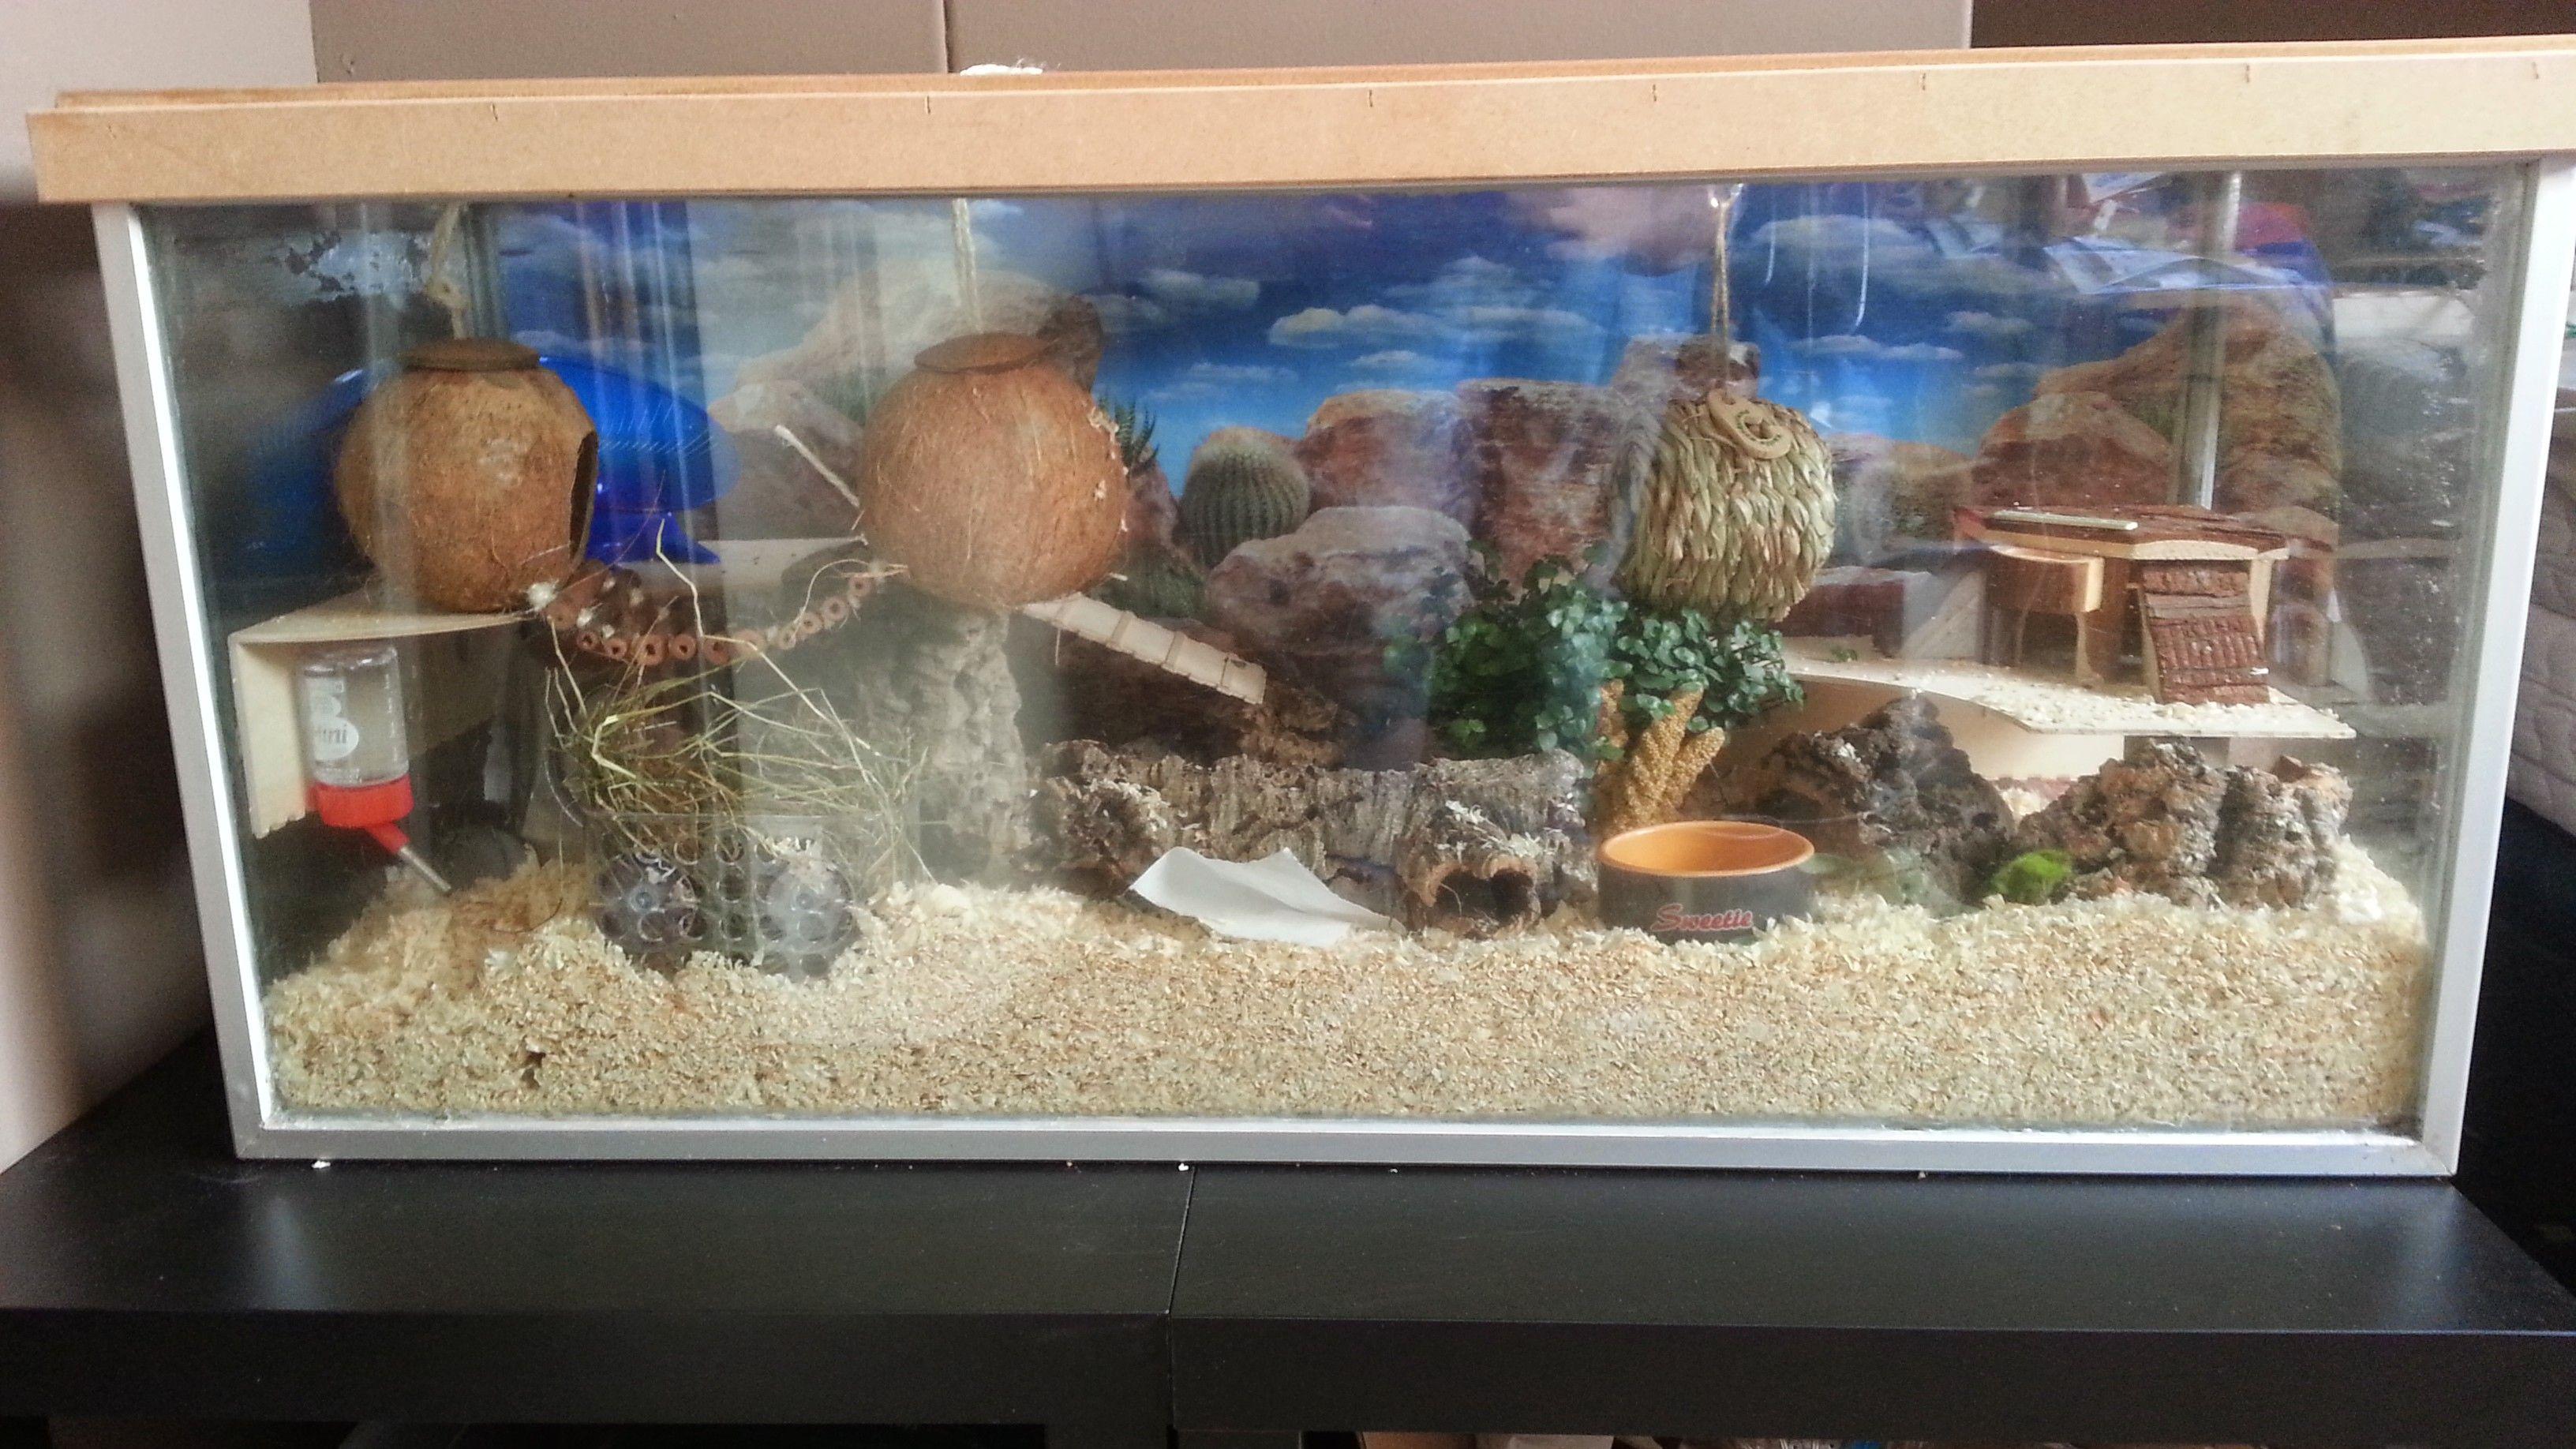 0f770d5e328f635ea2f3f87e383188b5 Frais De Aquarium tortue Aquatique Schème